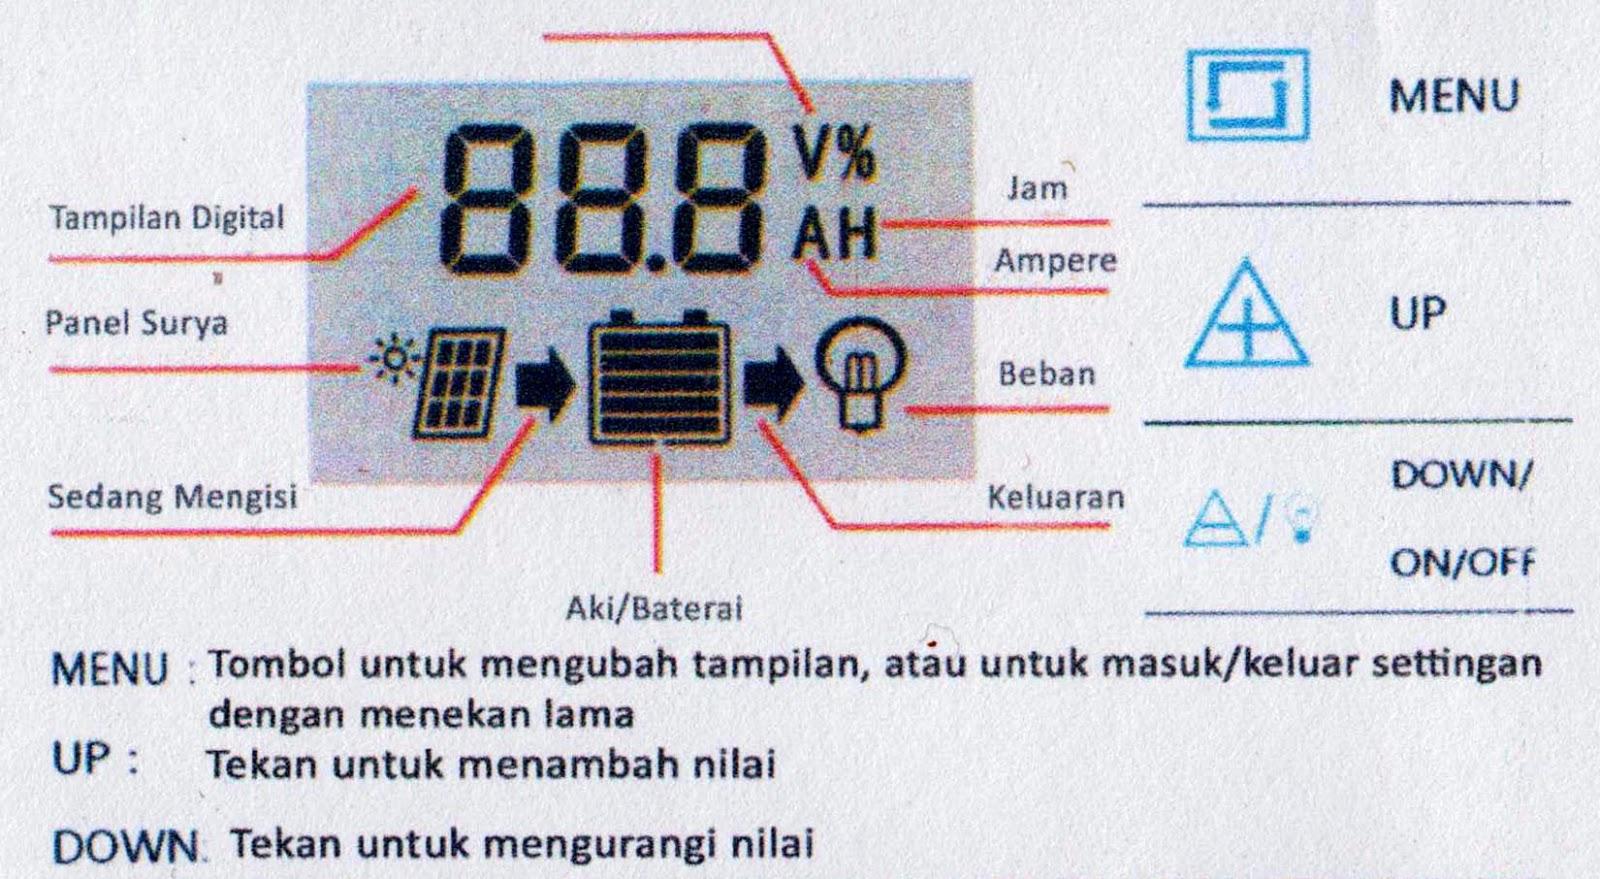 Cara Setting Charger Controller Panel Surya Dengan Indikator Led Dan Scc3 12 Volt 20 Amp Solar Charge Tekan Tahan Tombol Menu Sekitar 3 Detik Kemudian Atau Maka Akan Tampil Seperti Gambar